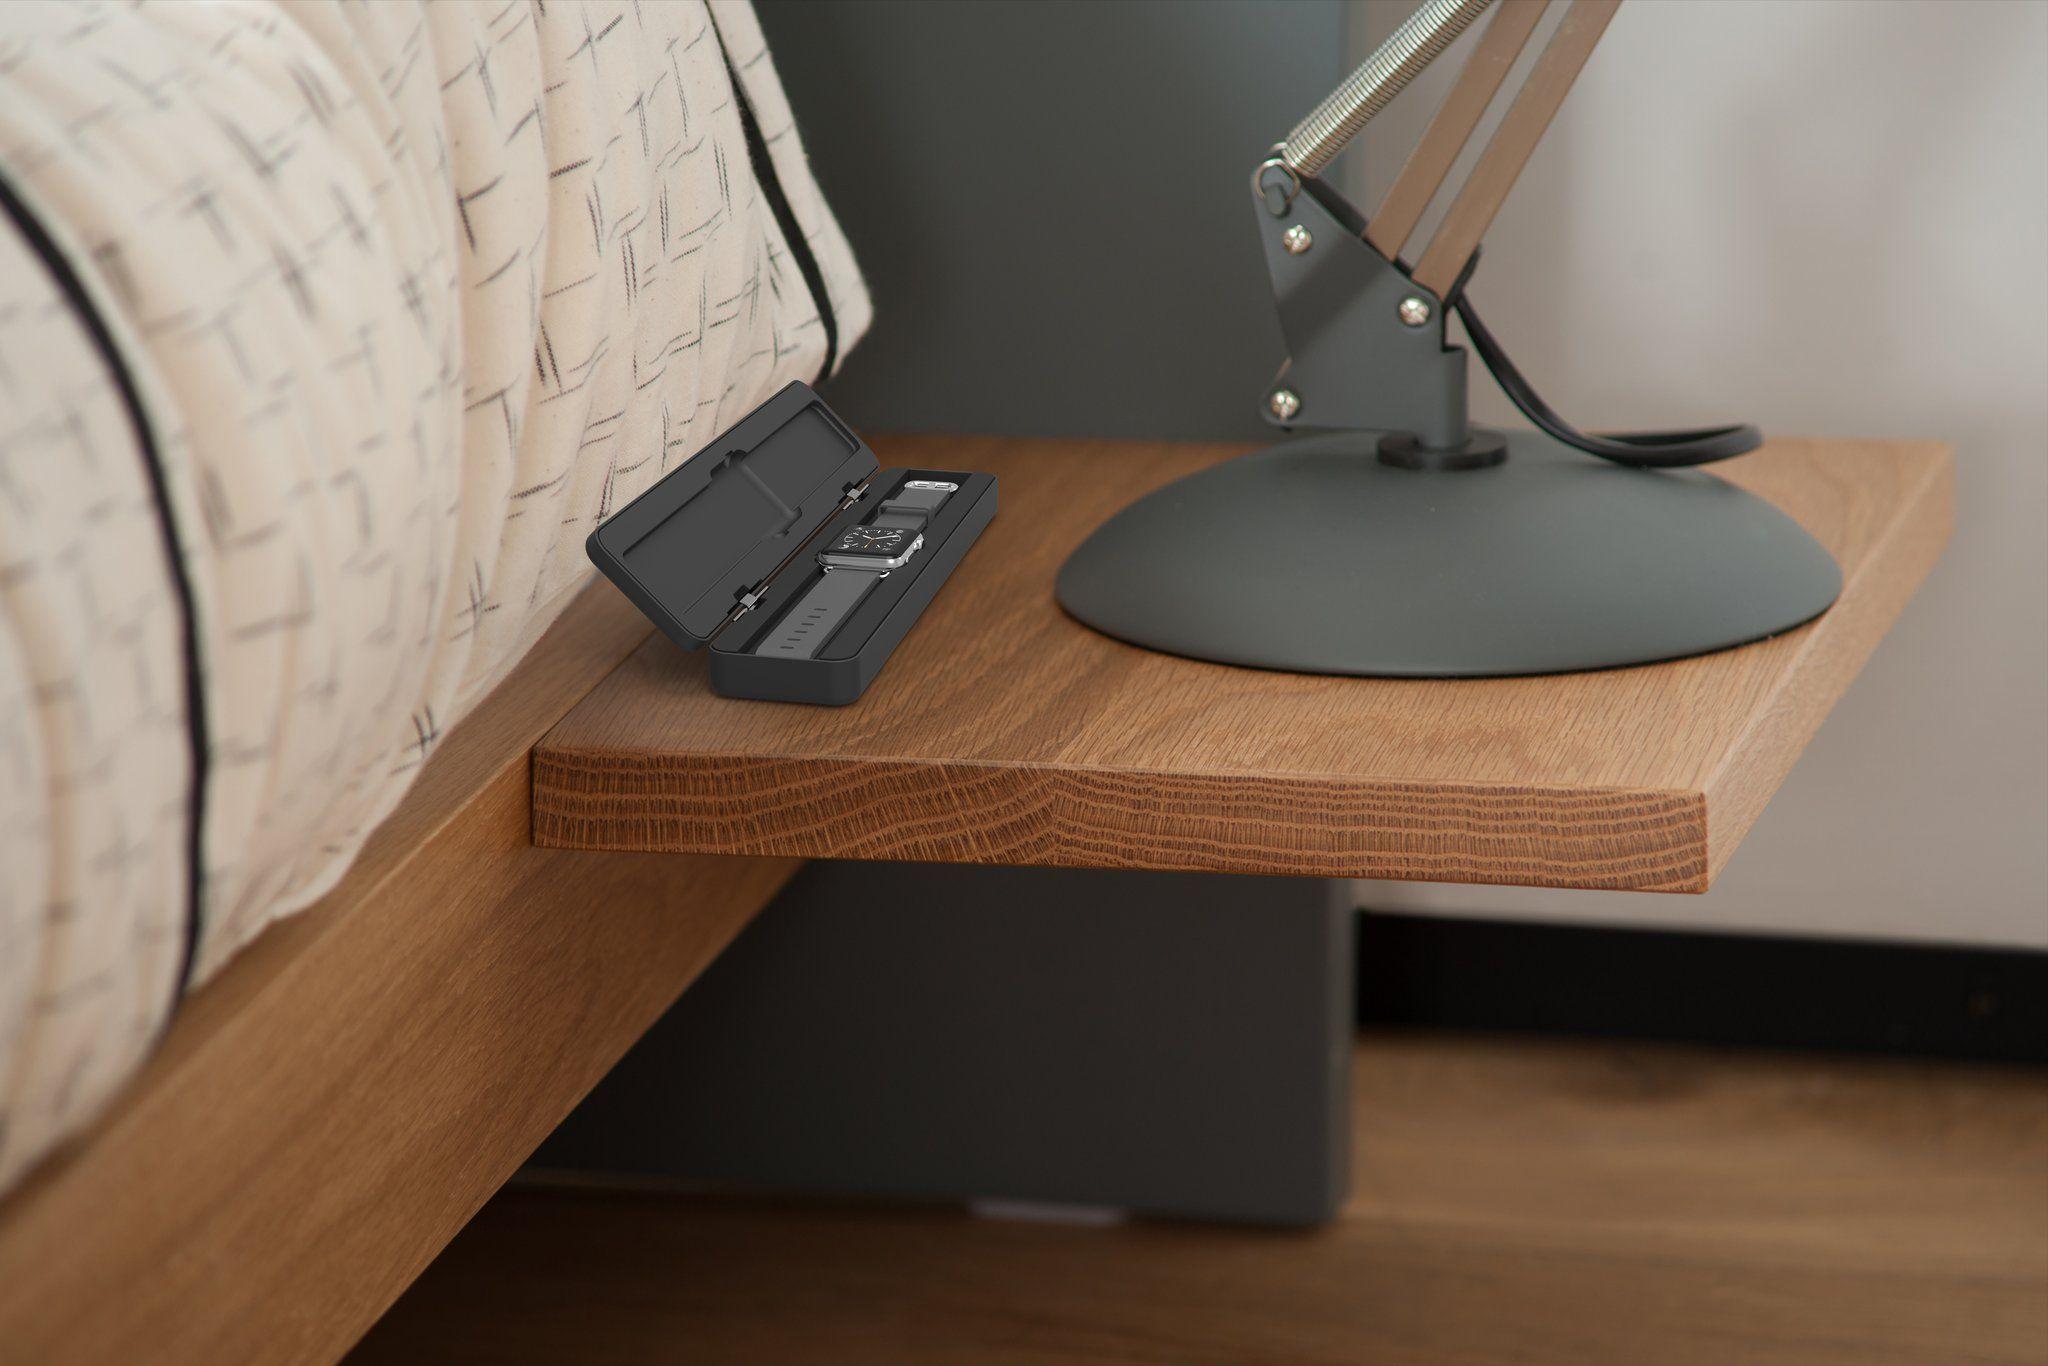 Apple Watch Dock Solid wood bedside tables, Modern